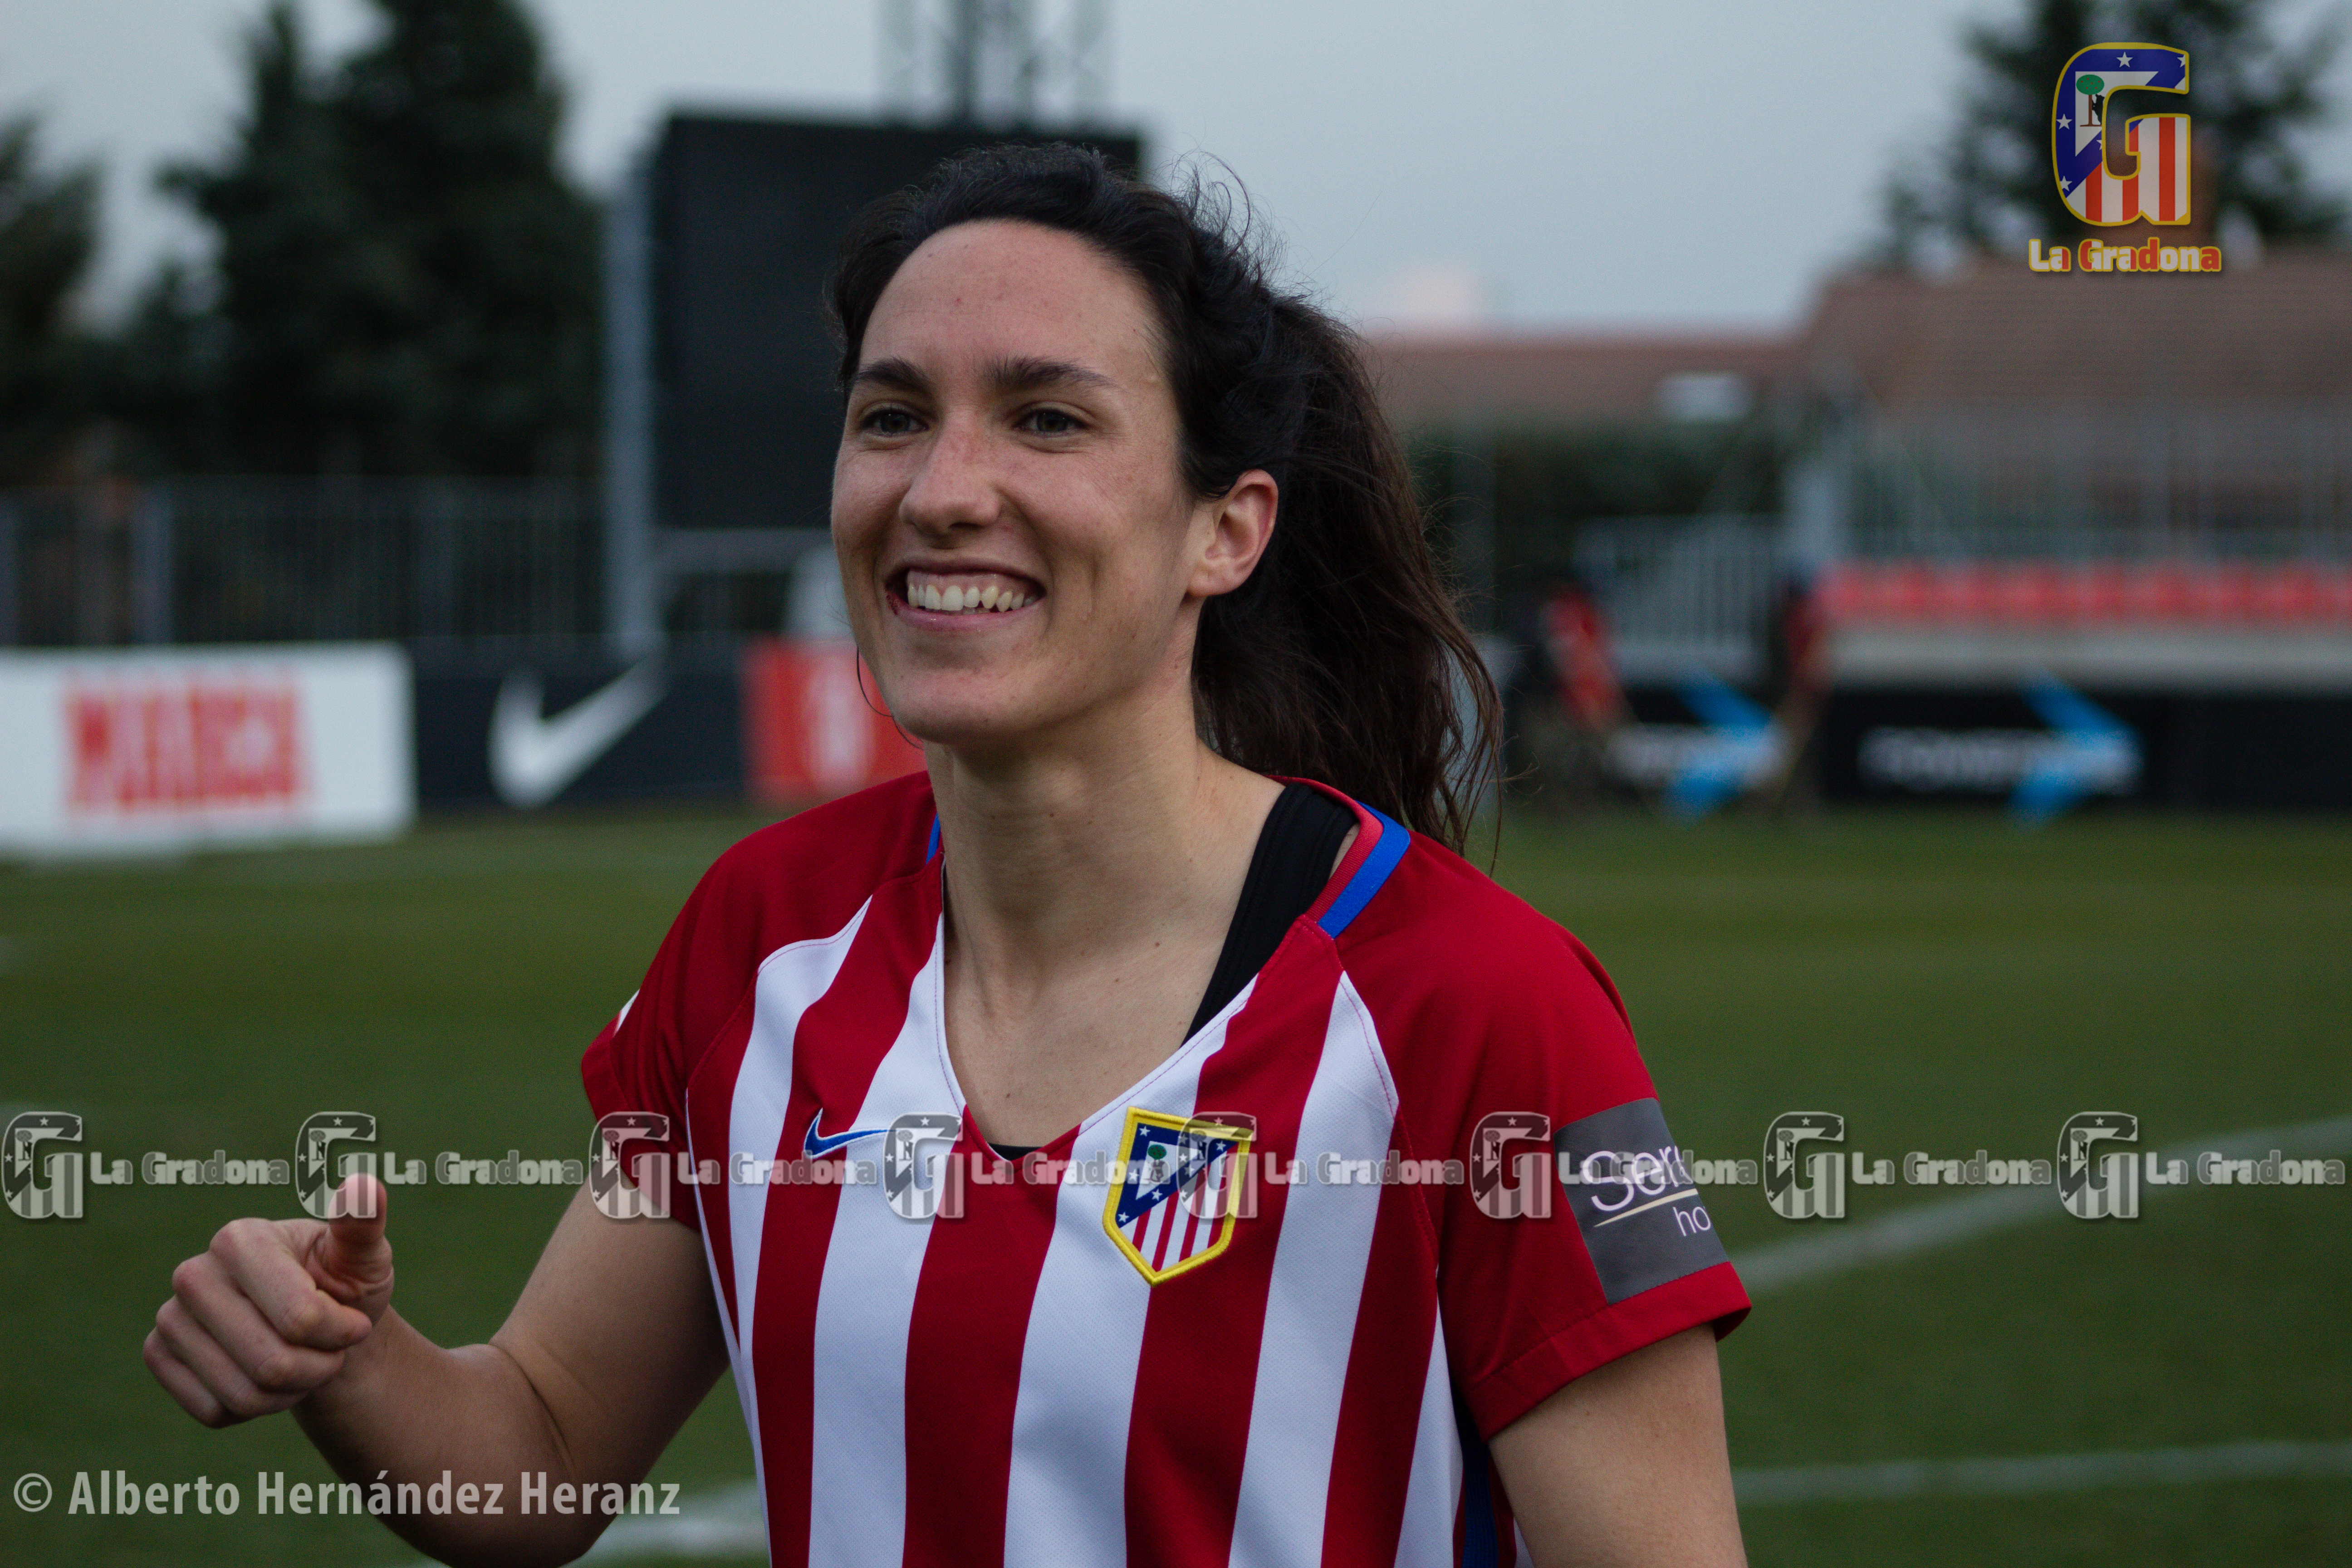 FOTOGALERÍA | Atlético Femenino - Fundación Albacete